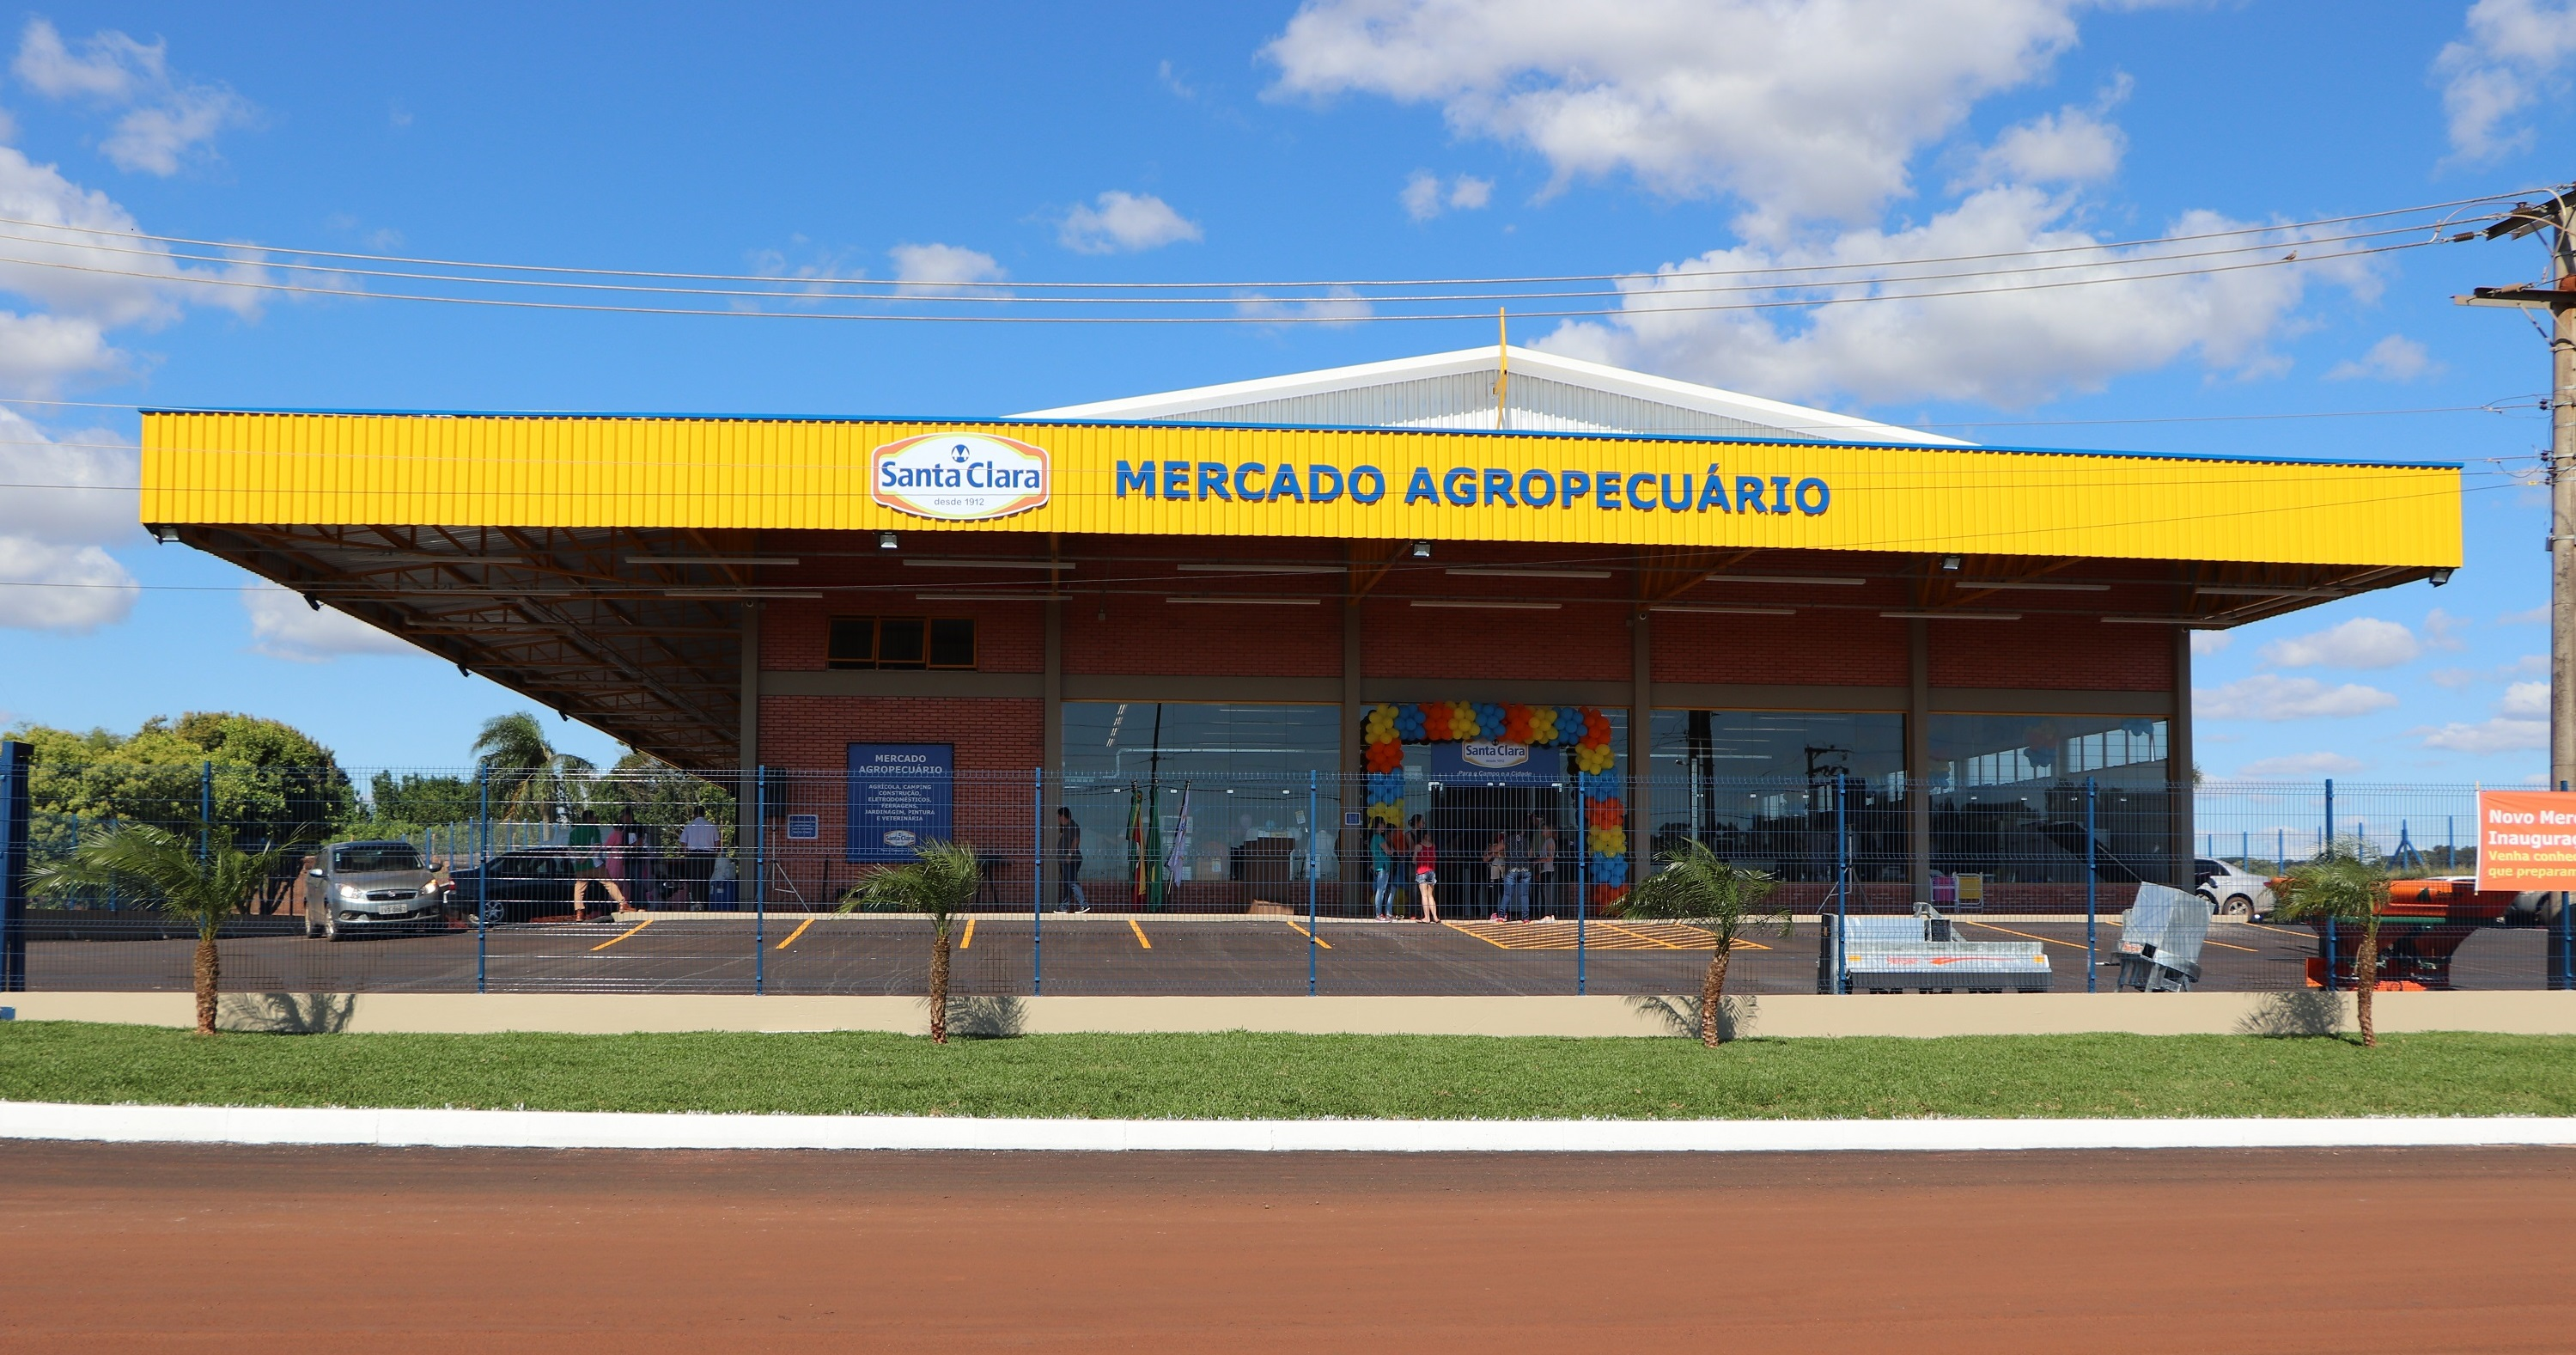 14º Mercado Agropecuário Santa Clara é inaugurado